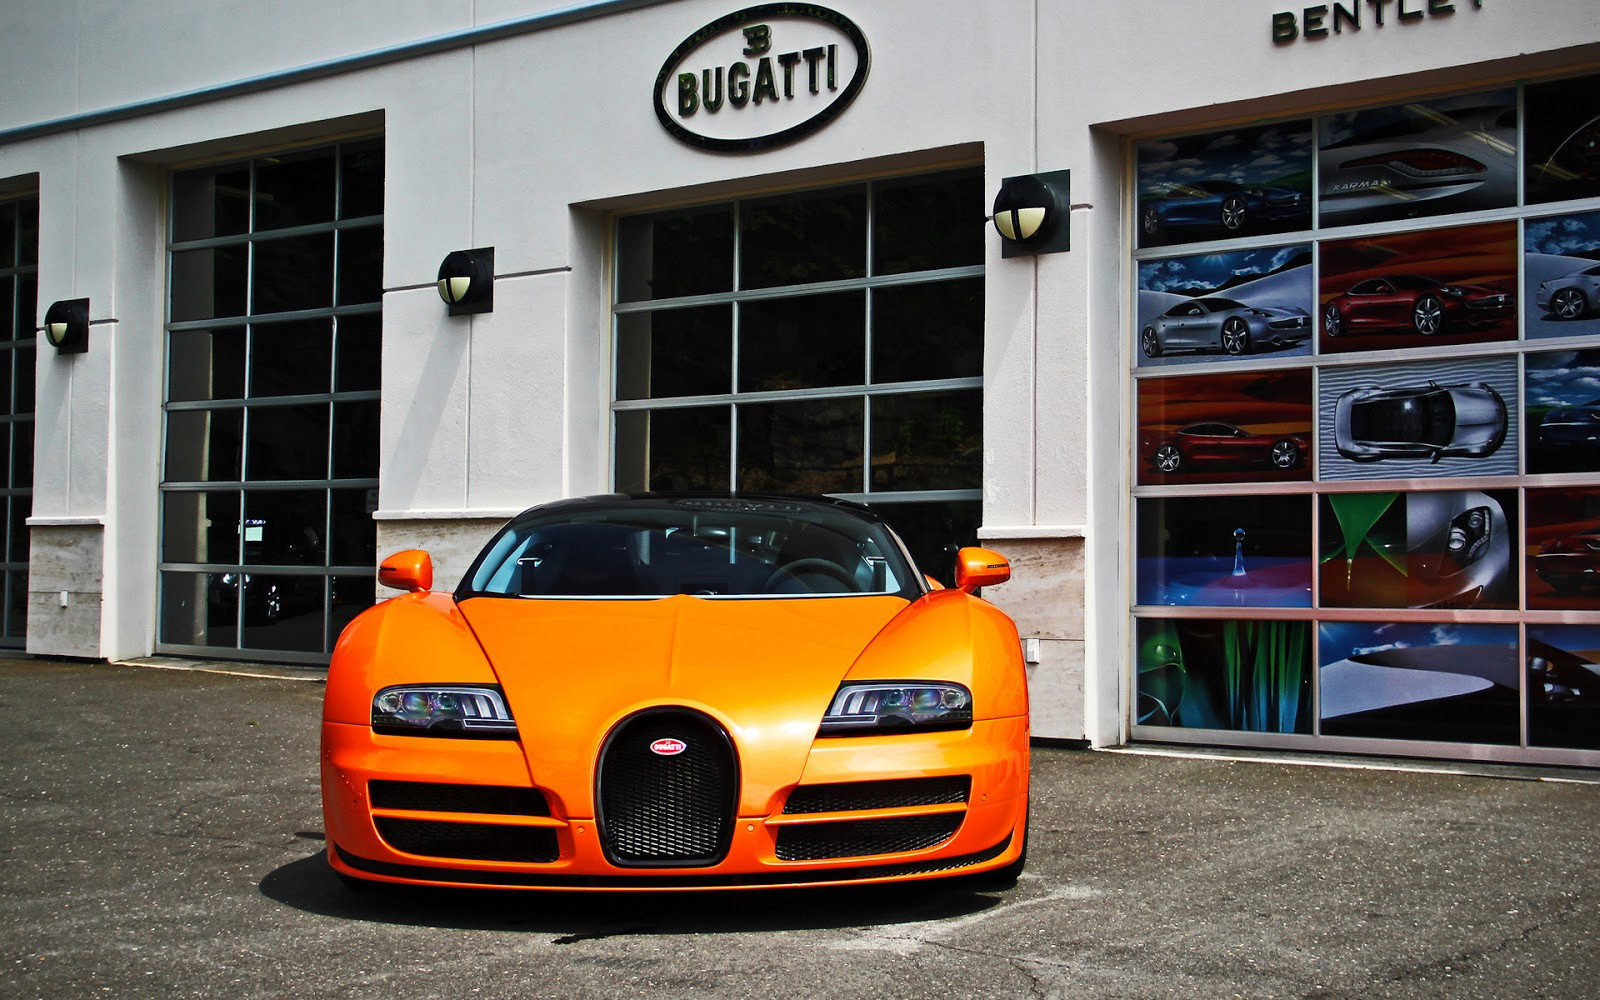 Ausmalbilder Bugatti Chiron Inspirierend Bugatti Chiron Von 0 Auf 400 Und Wieder Auf 0 Einzigartig Auto Das Bild